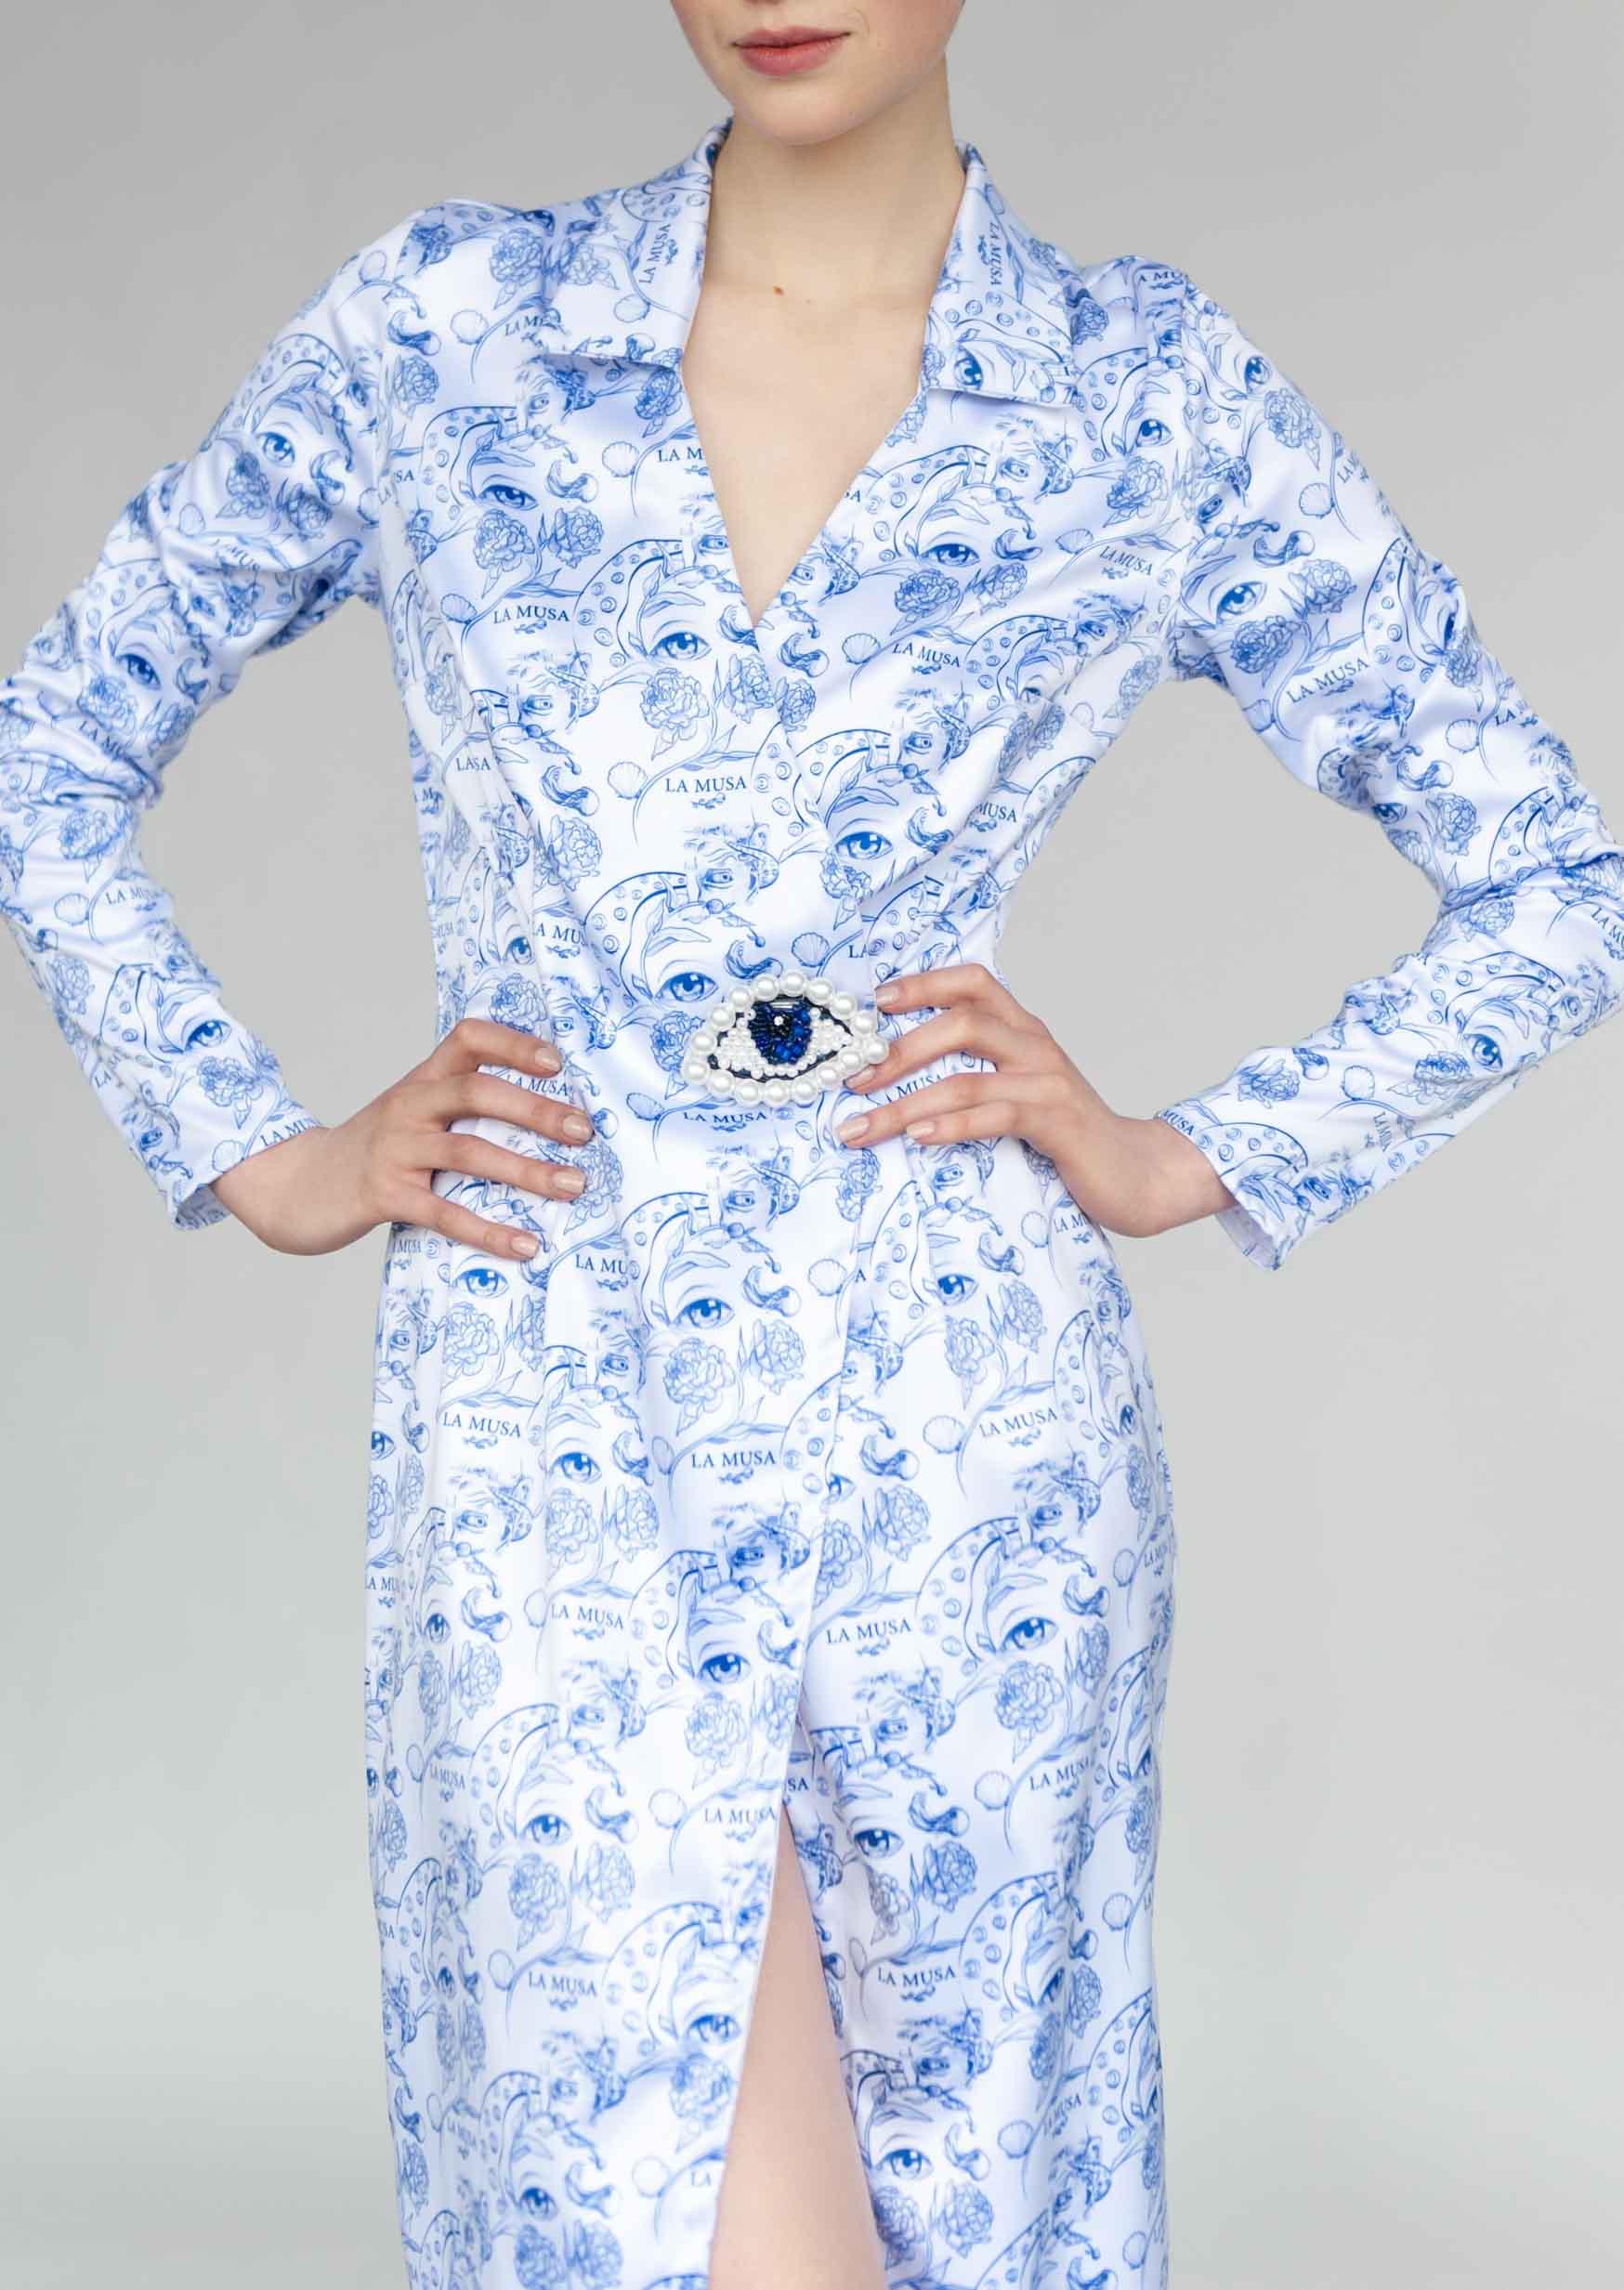 Porcelain suit-dress white blue mini date costume